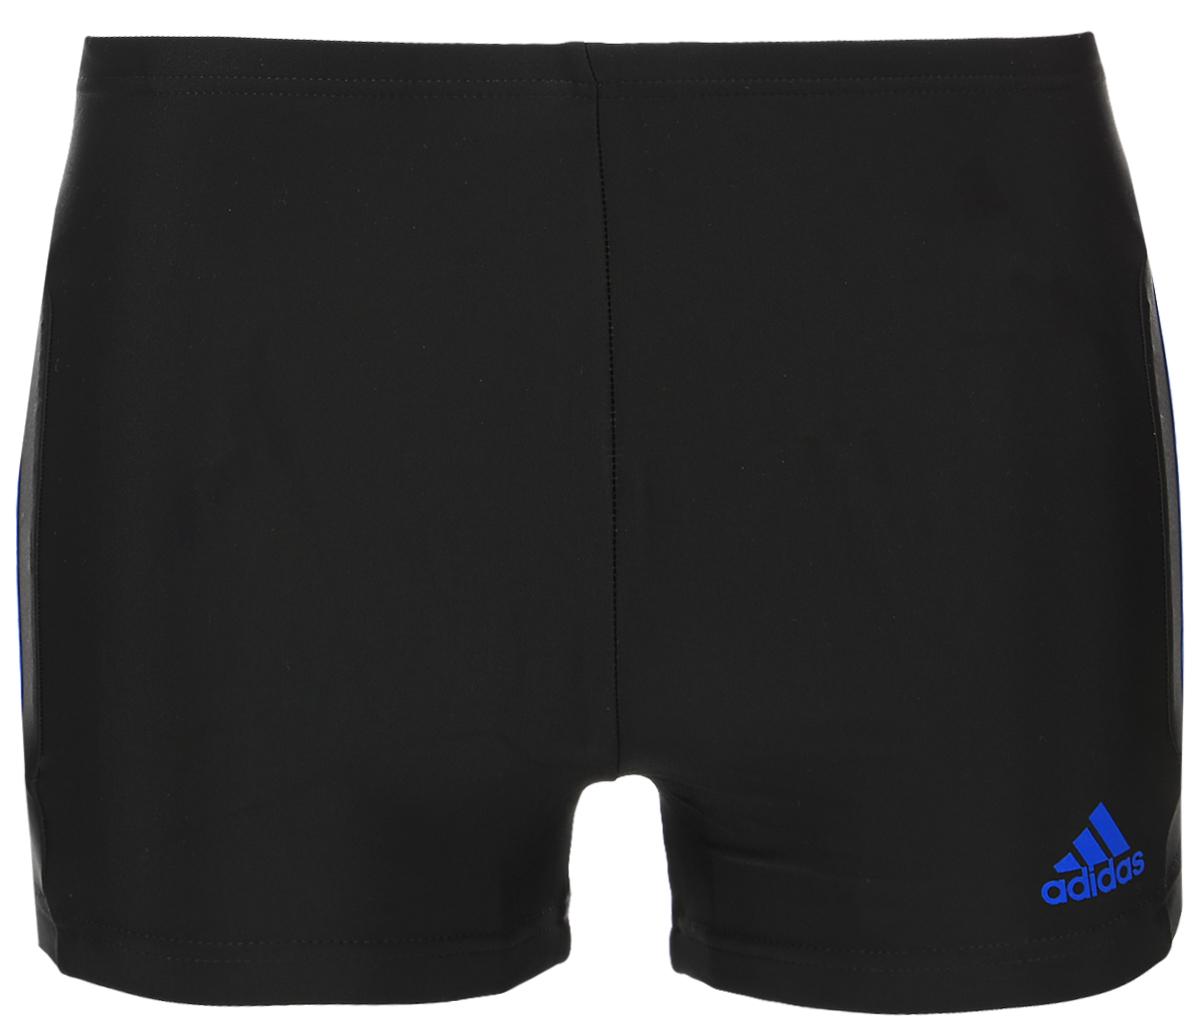 ПлавкиBP9520Плавательные мужские шорты aadidas Inf Ec3Sm Bx выполнены из полиамида с добавлением эластана. Эти удобные мужские боксеры помогут справиться даже с самыми тяжелыми тренировками. Они сделаны из материала InfIinitex, который сопротивляется воздействию хлора. Оформлена модель классическими тремя полосами и логотипом бренда на левом боку.